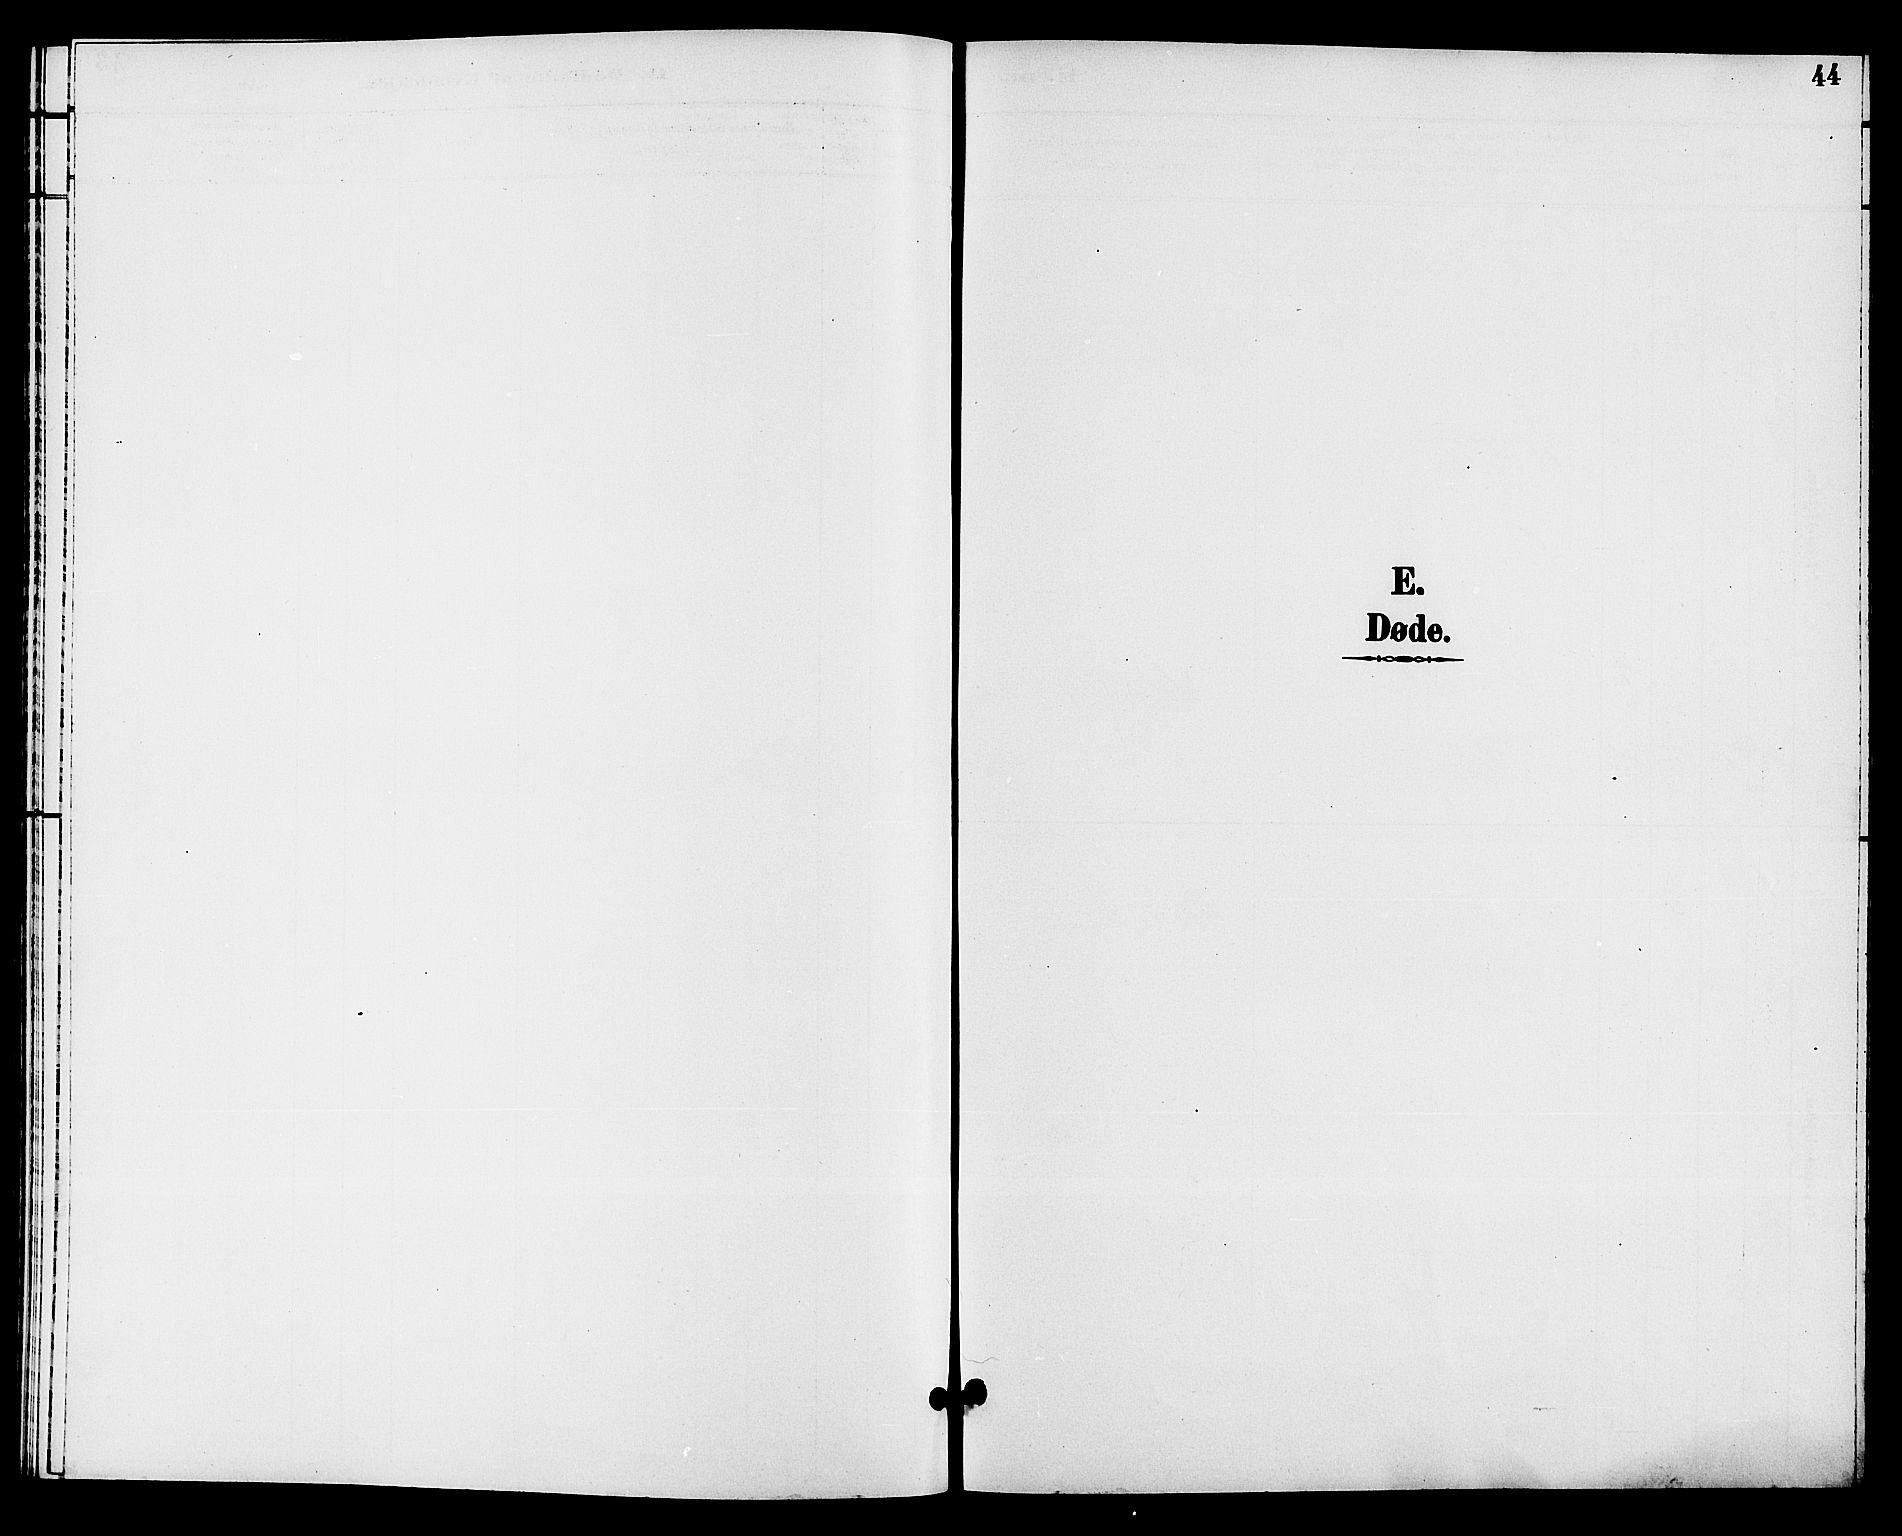 SAKO, Hjartdal kirkebøker, G/Gc/L0003: Klokkerbok nr. III 3, 1890-1907, s. 44